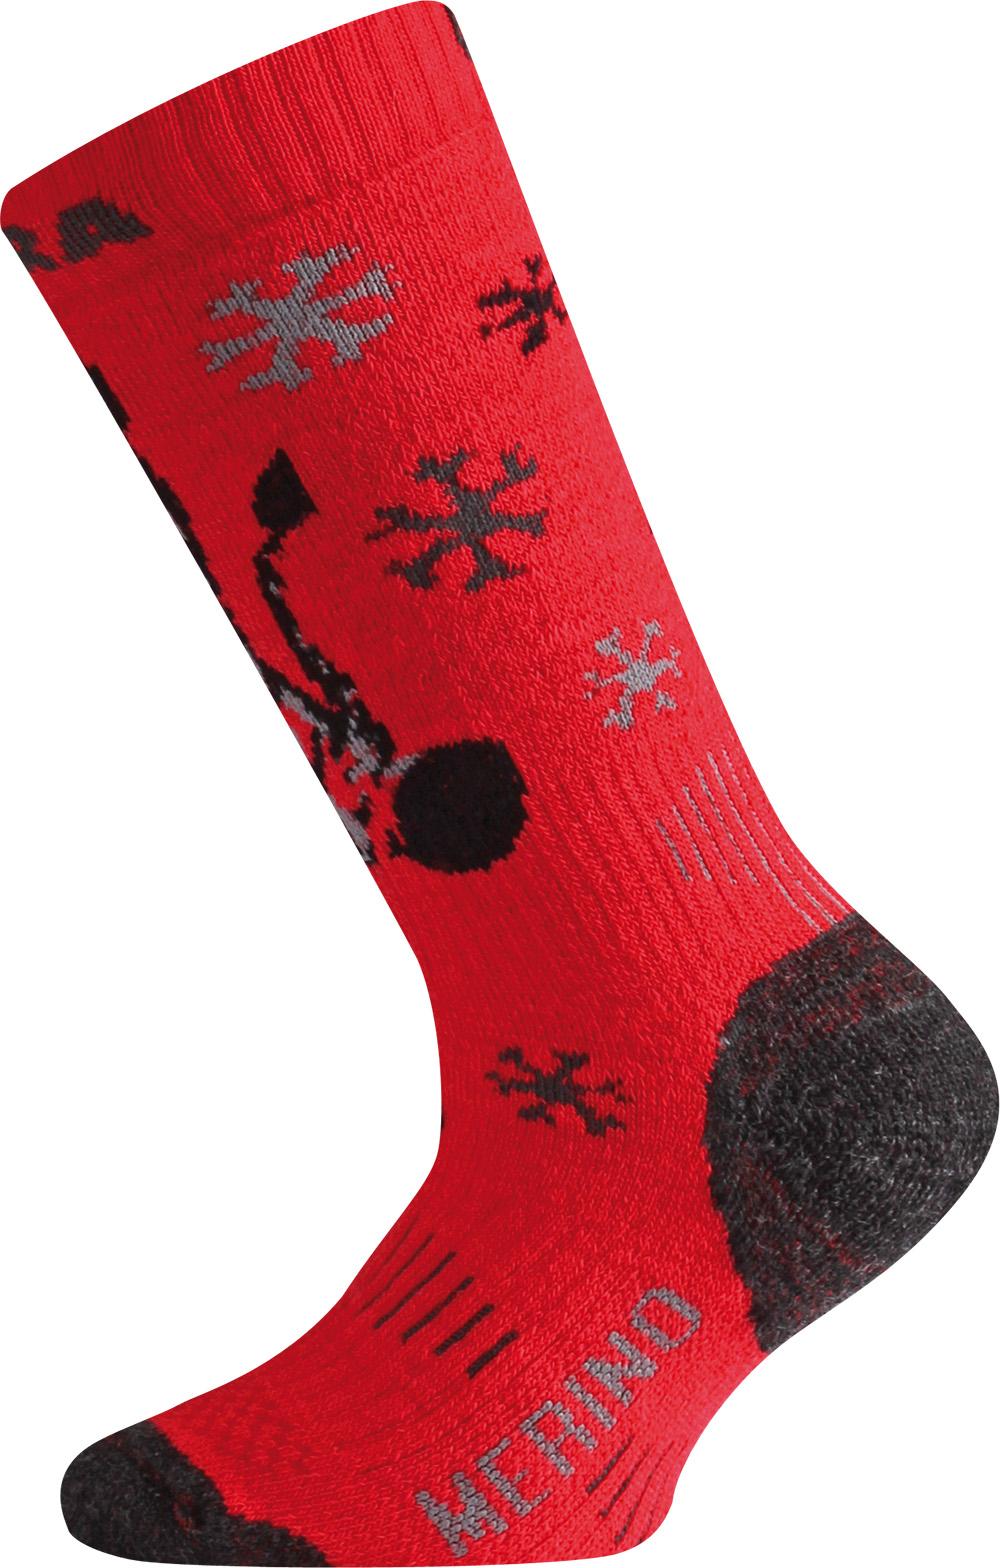 Lasting WJS 389 červená merino ponožky junior Velikost: (34-37) S možnost vrácení do 12.1.2018